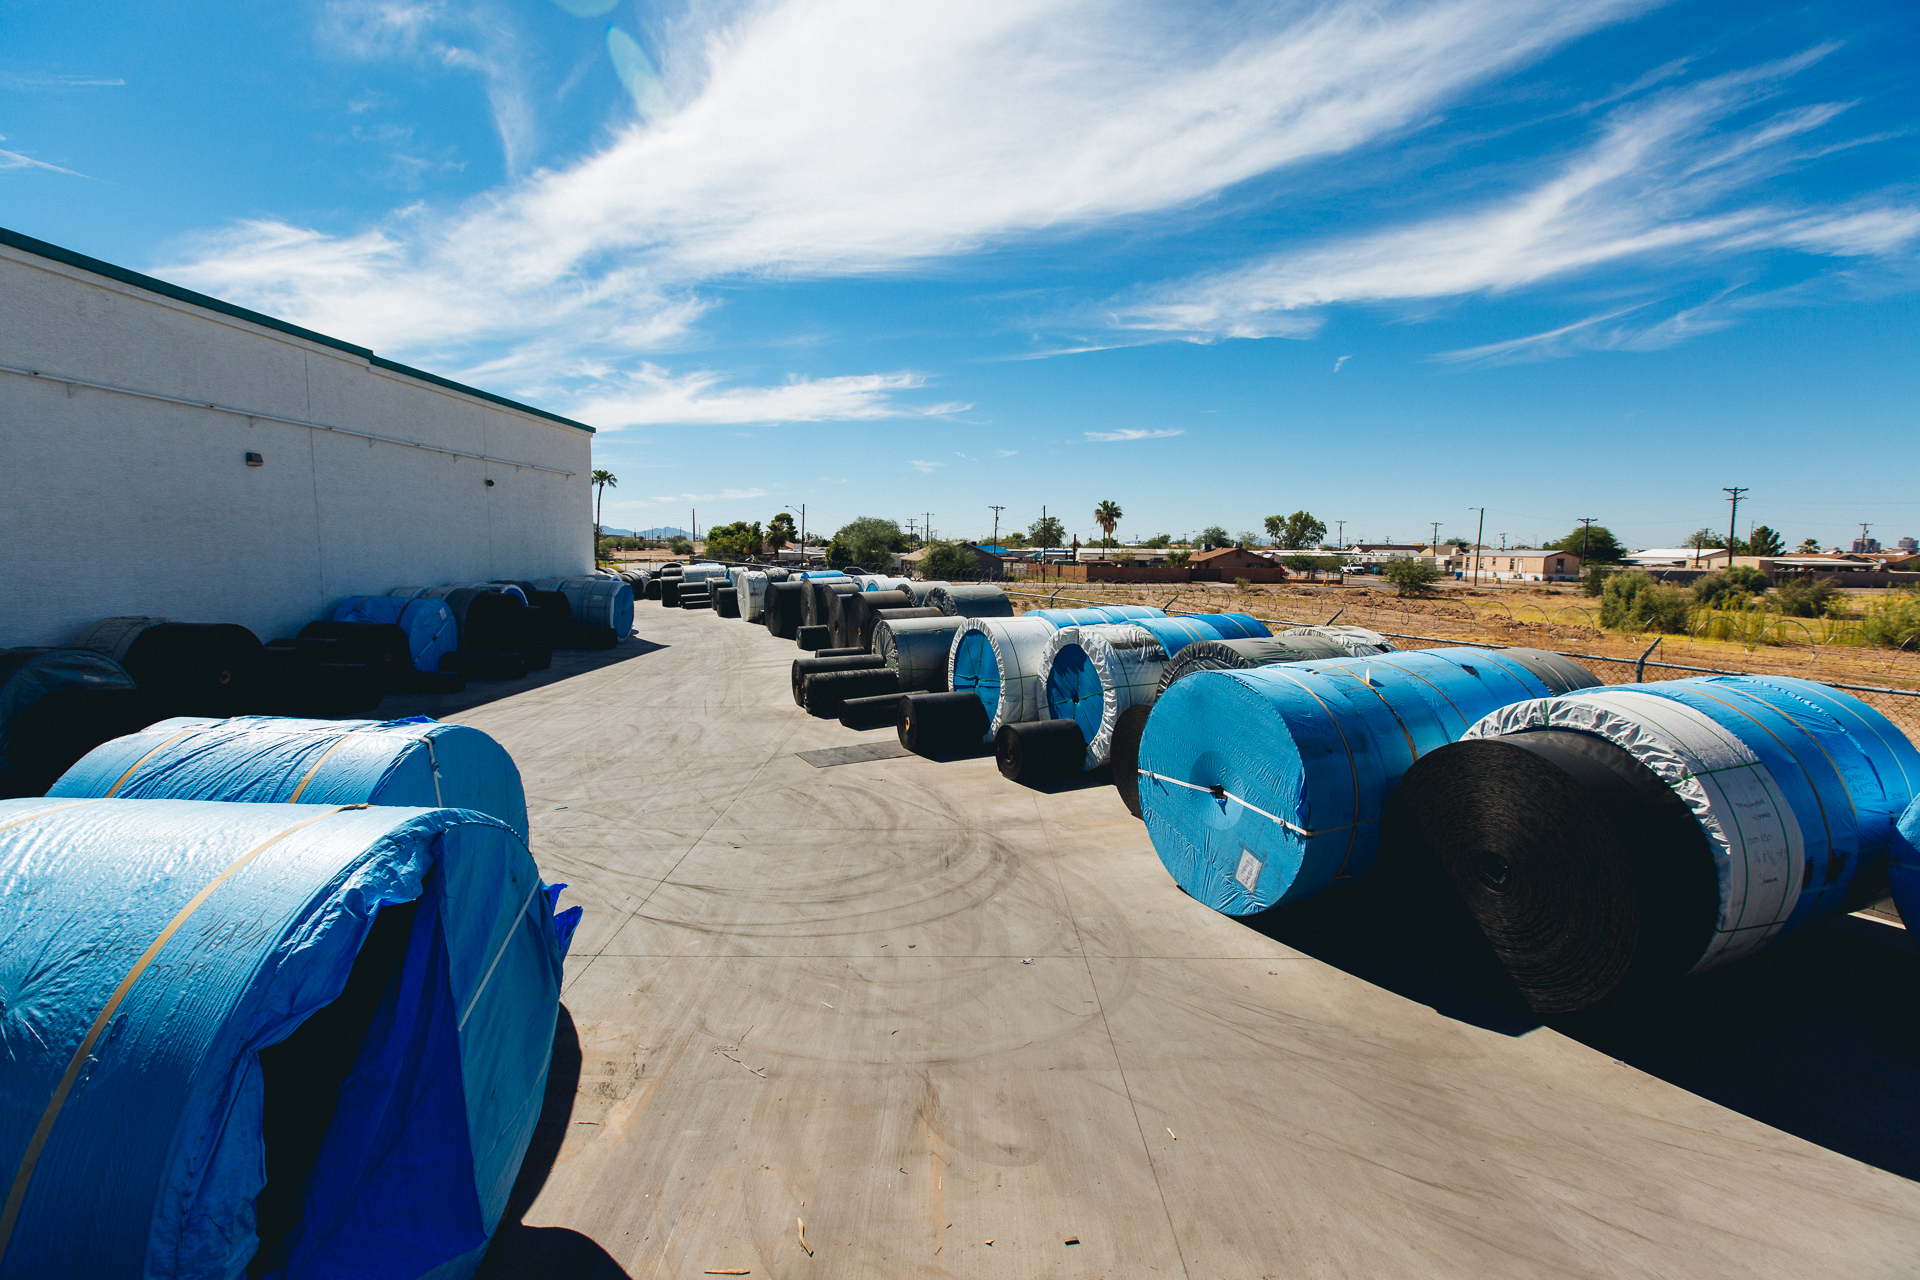 Conveyor belt reels